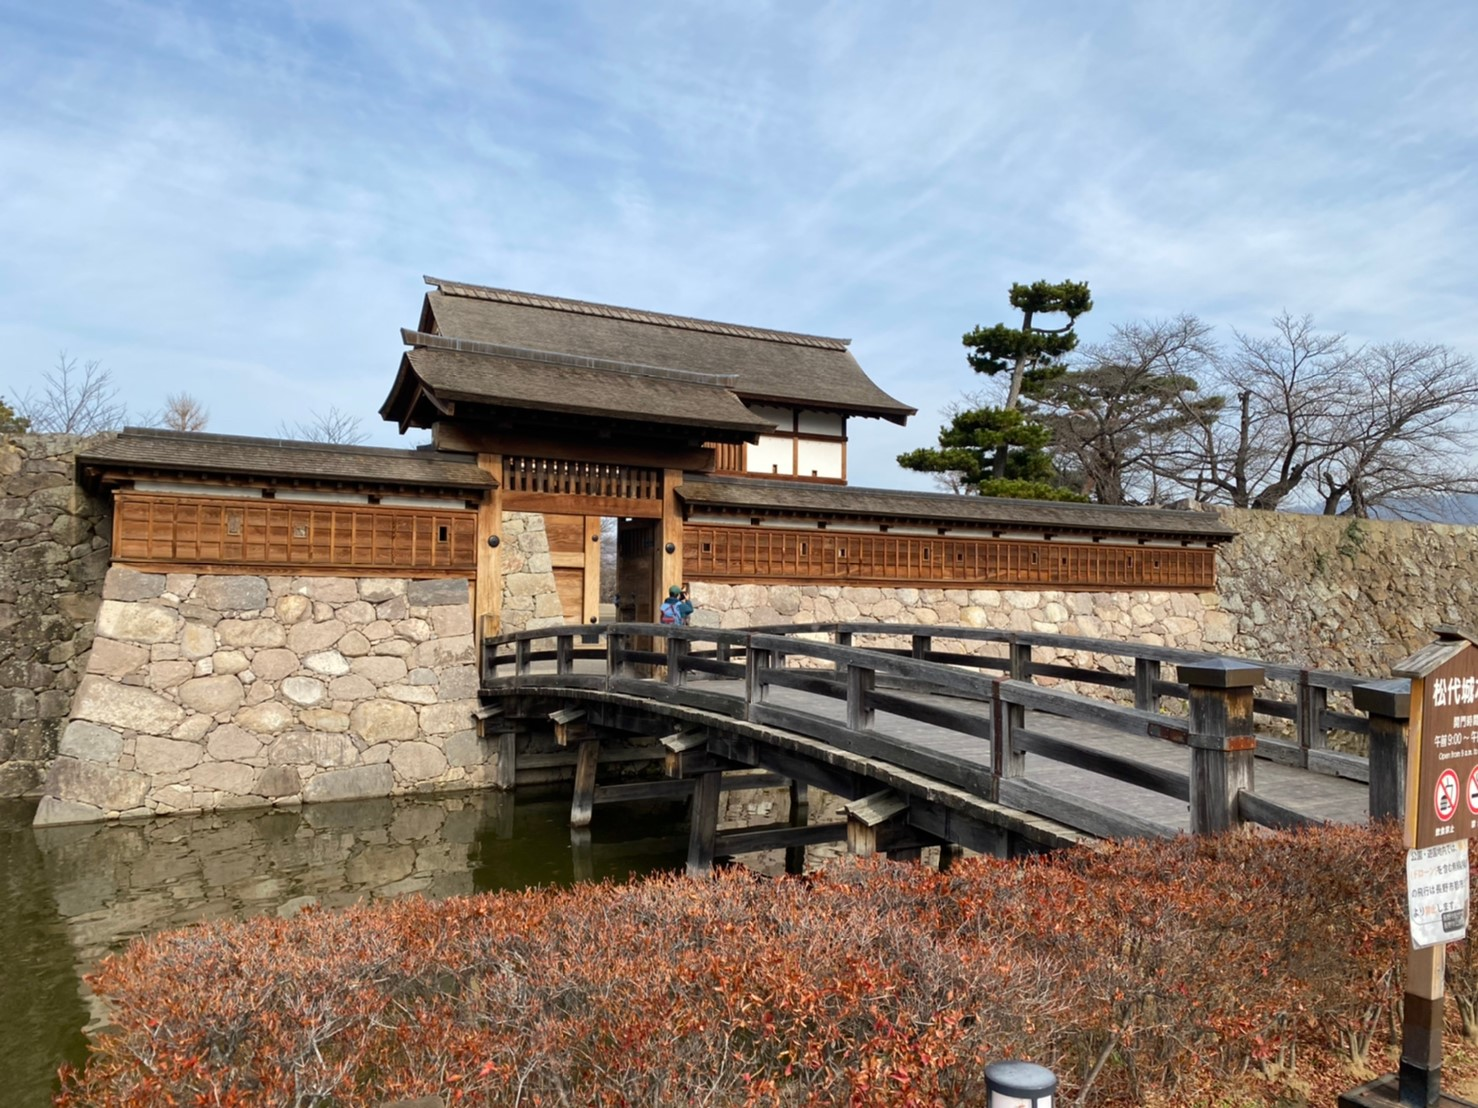 『松代城』を120%楽しむ観光ガイド(写真スポット・アクセス・スタンプ・駐車場)を徹底紹介